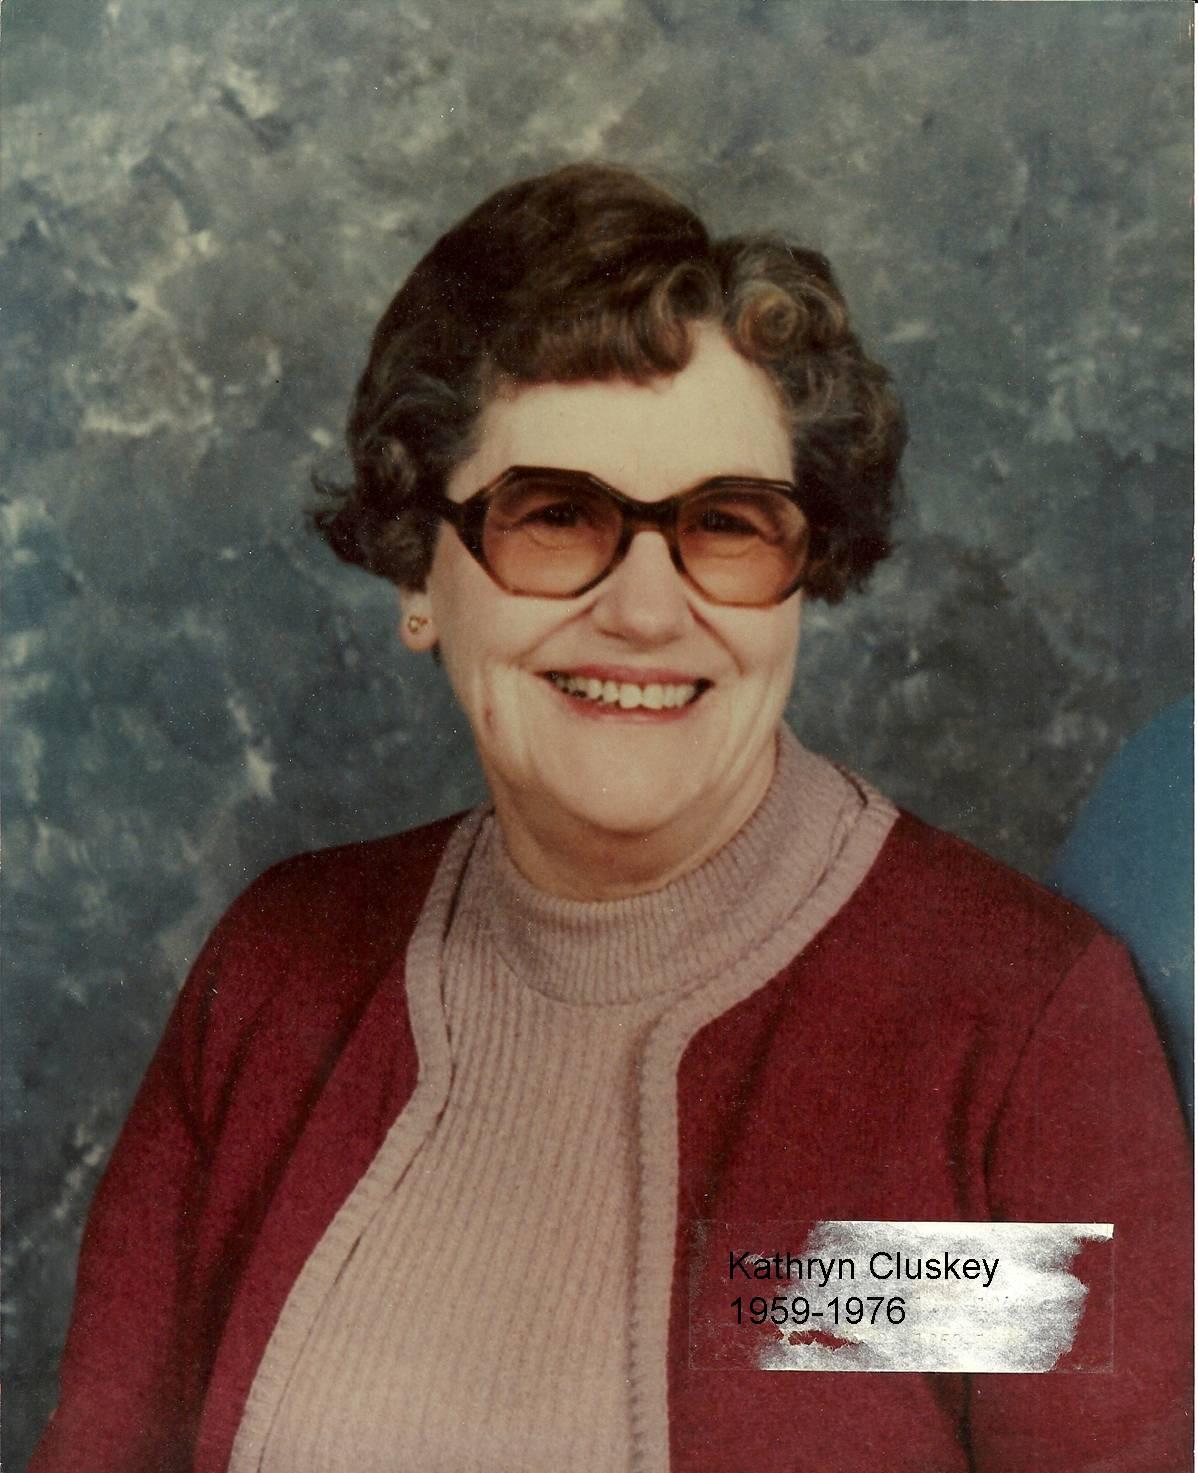 Kathryn Cluskey